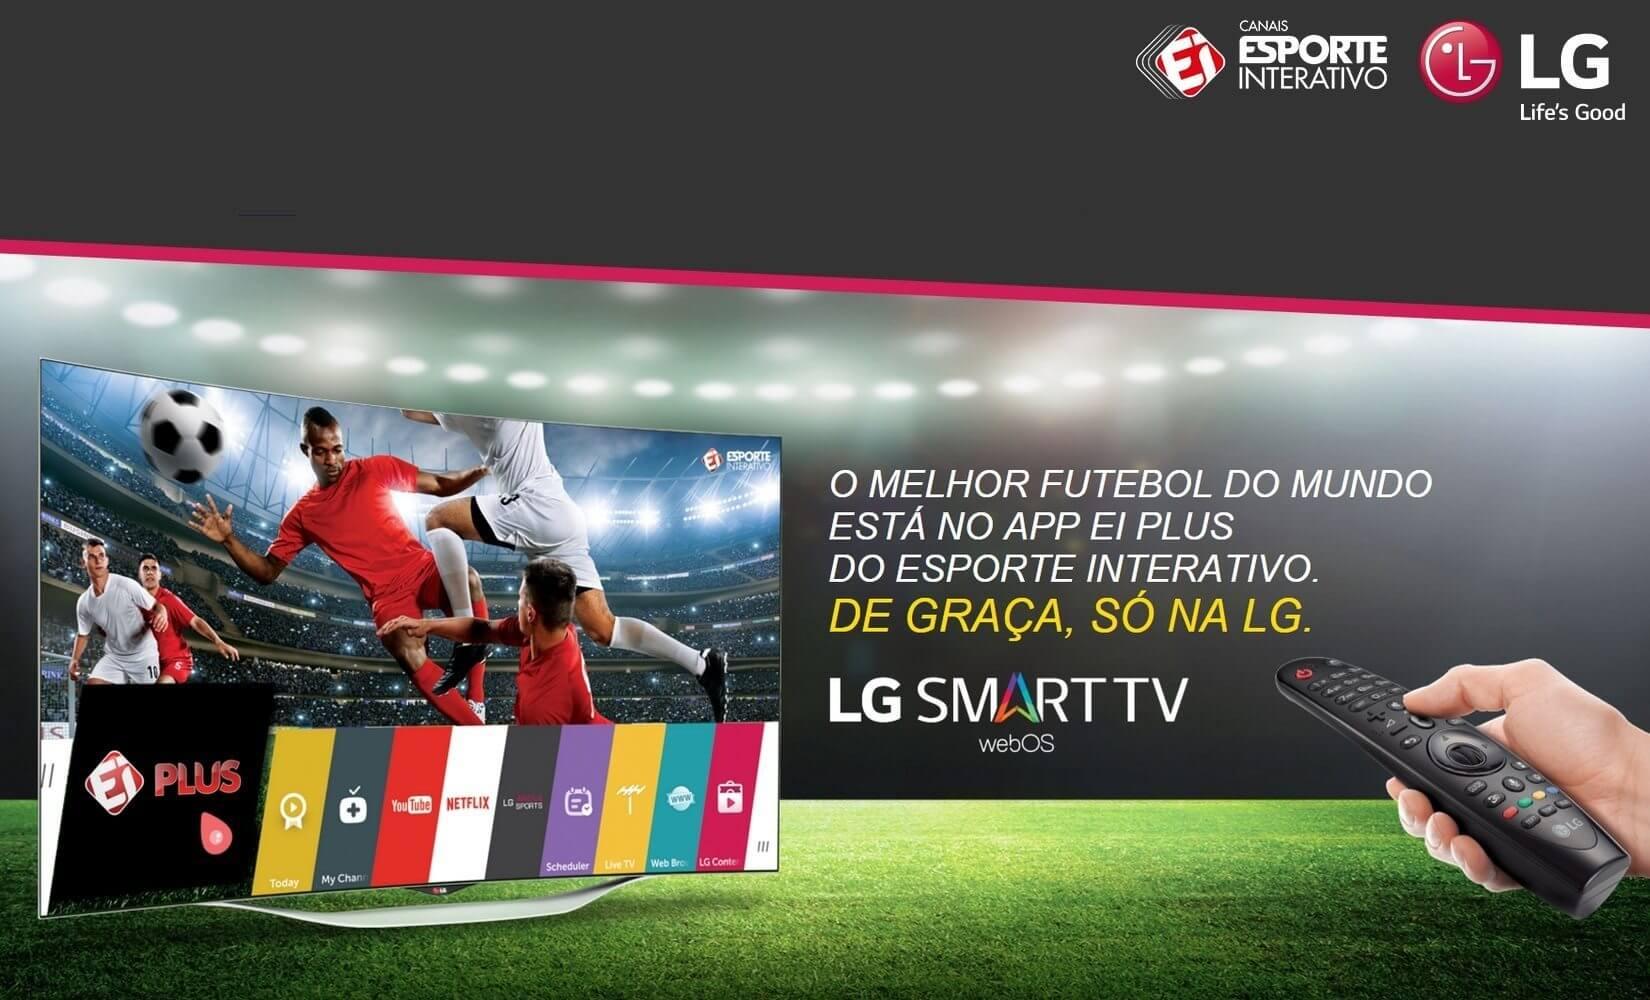 smt lgei p2 - Gol de placa: Parceria entre LG e Esporte interativo trará a final Liga dos Campeões da UEFA em 4K